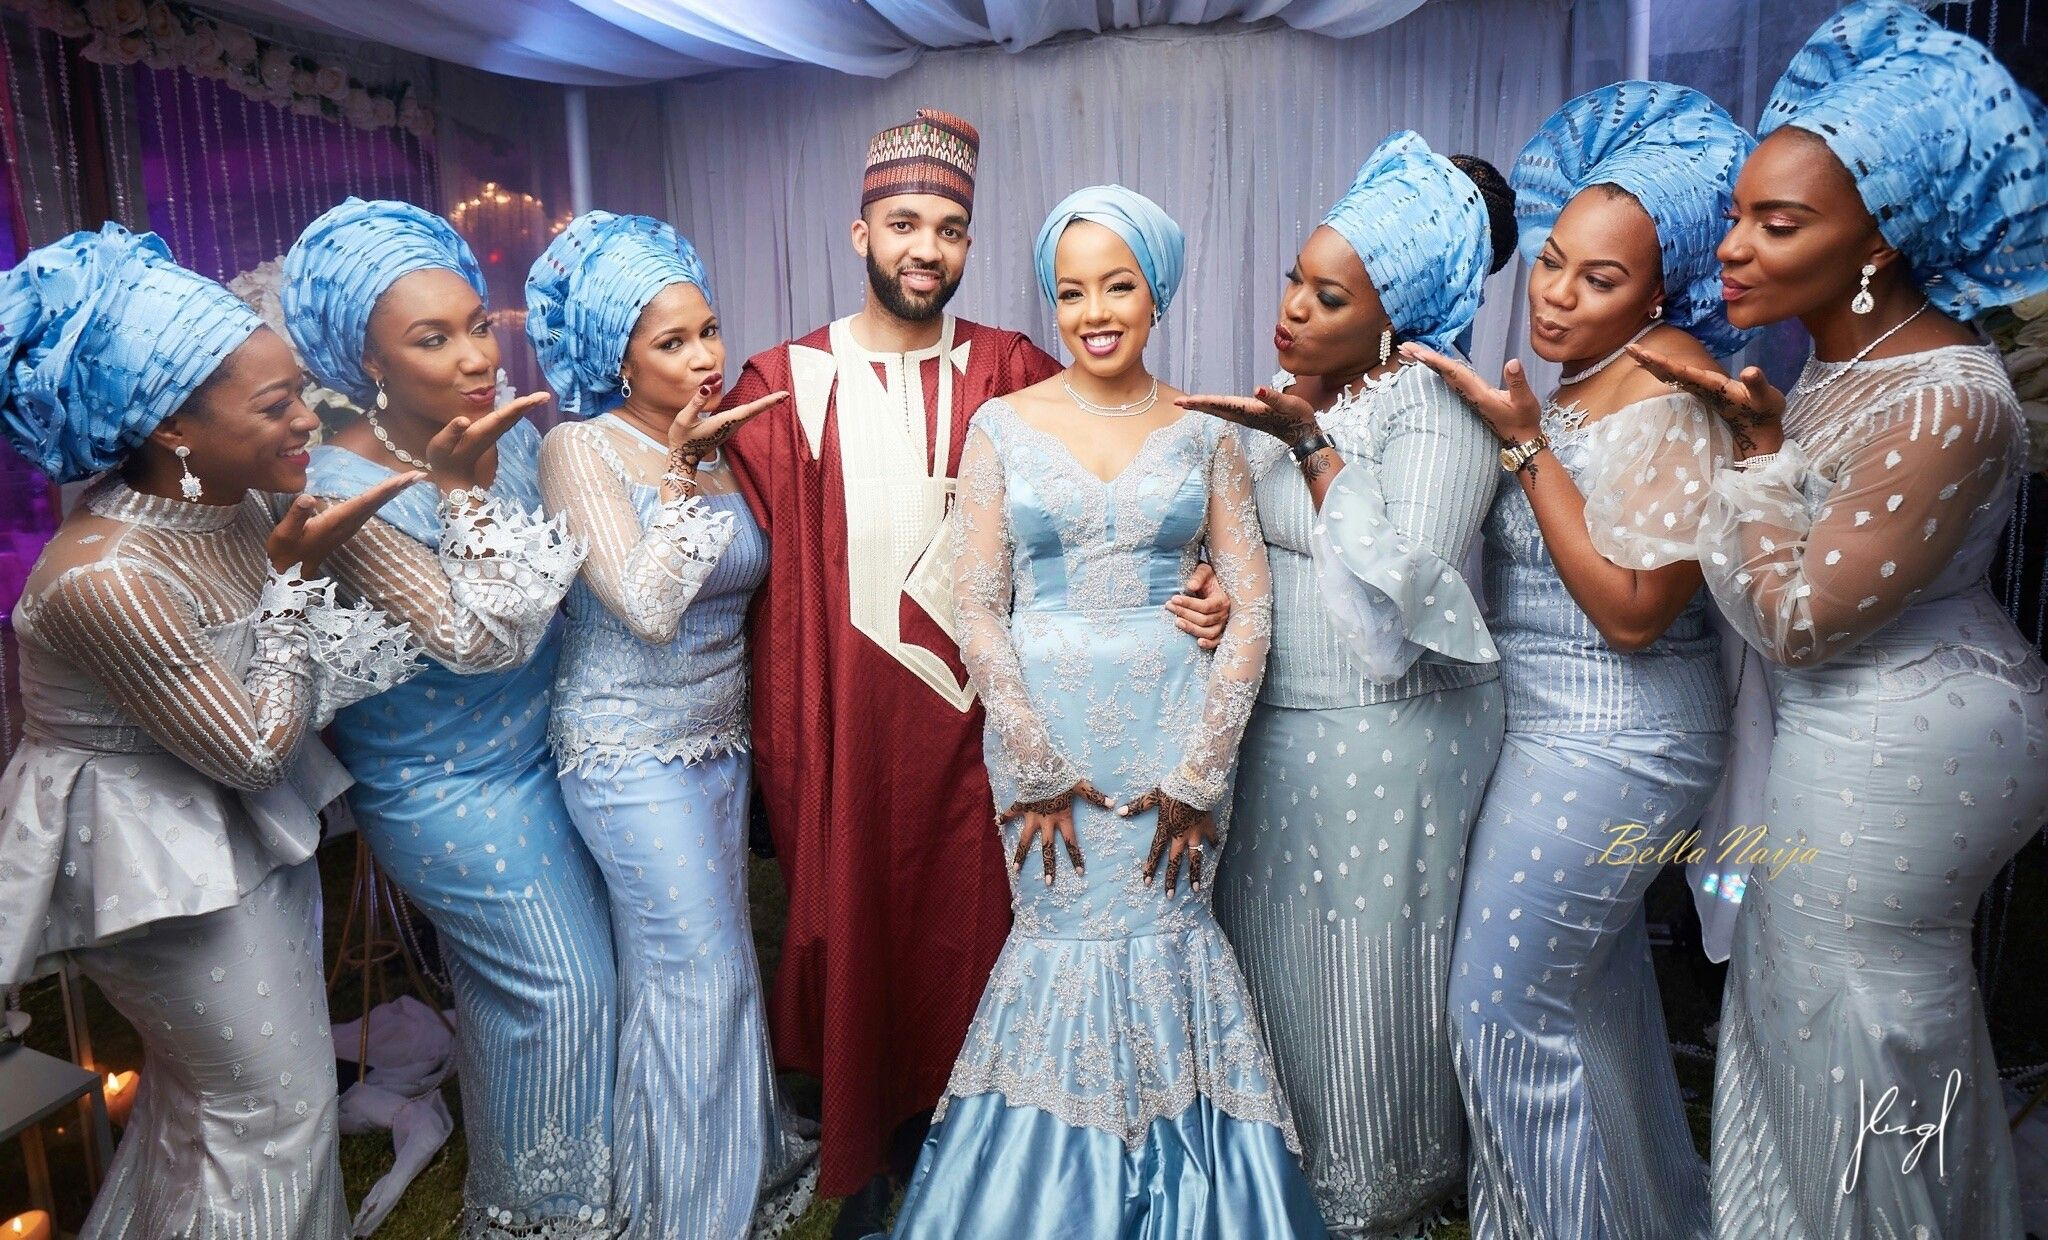 Northern Nigerian Traditional Wedding Attire African Traditional Wedding Traditional Wedding Attire Global Wedding